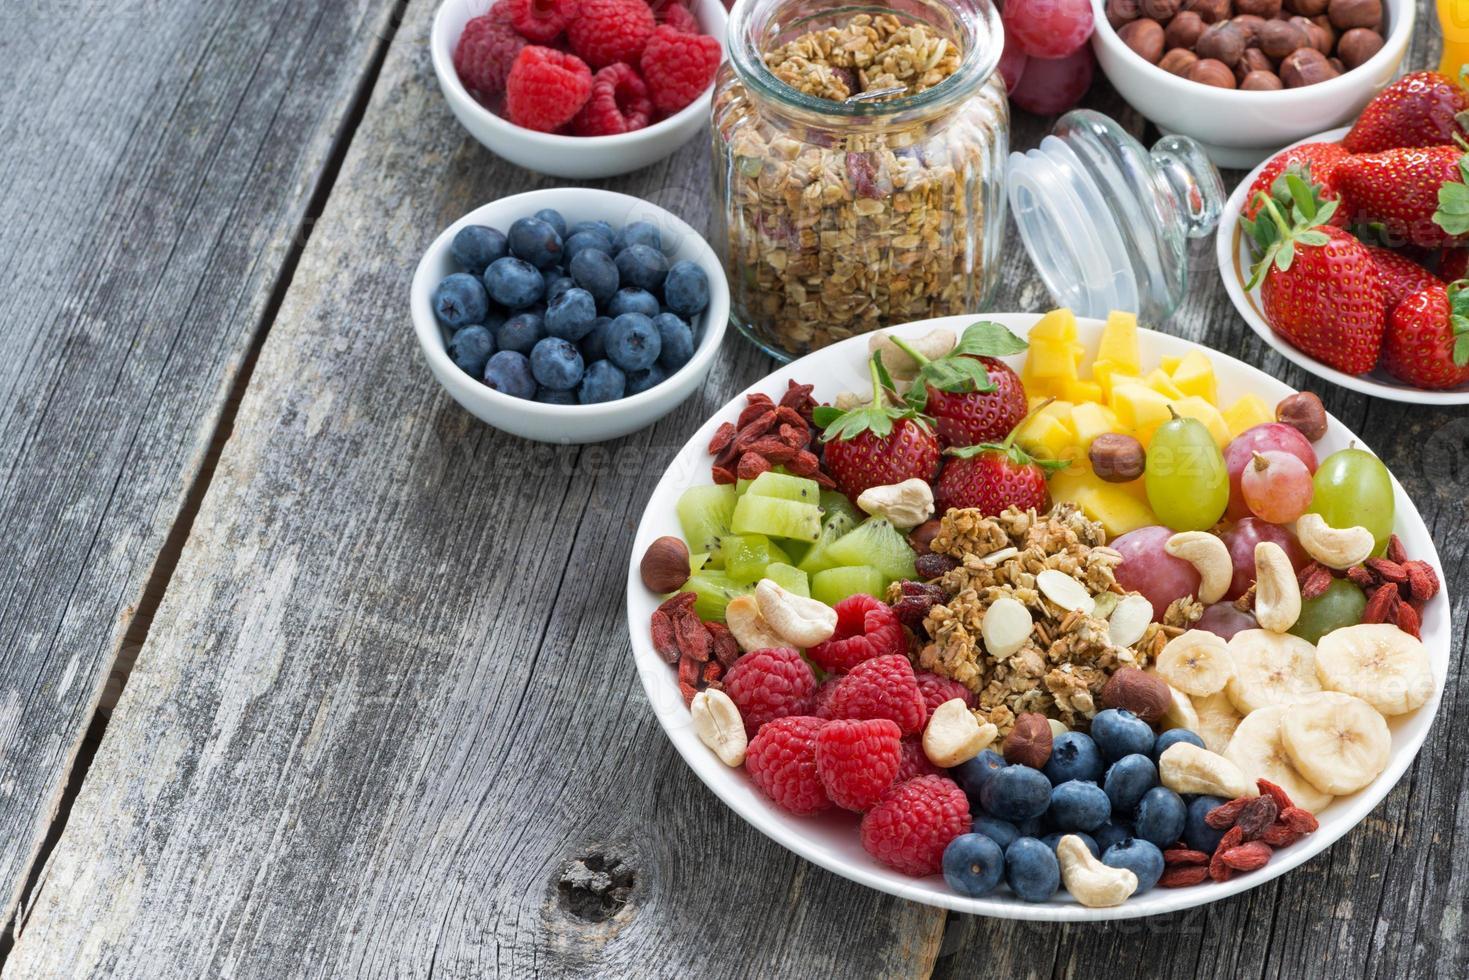 ingrédients pour un petit déjeuner sain - baies, fruits, muesli photo